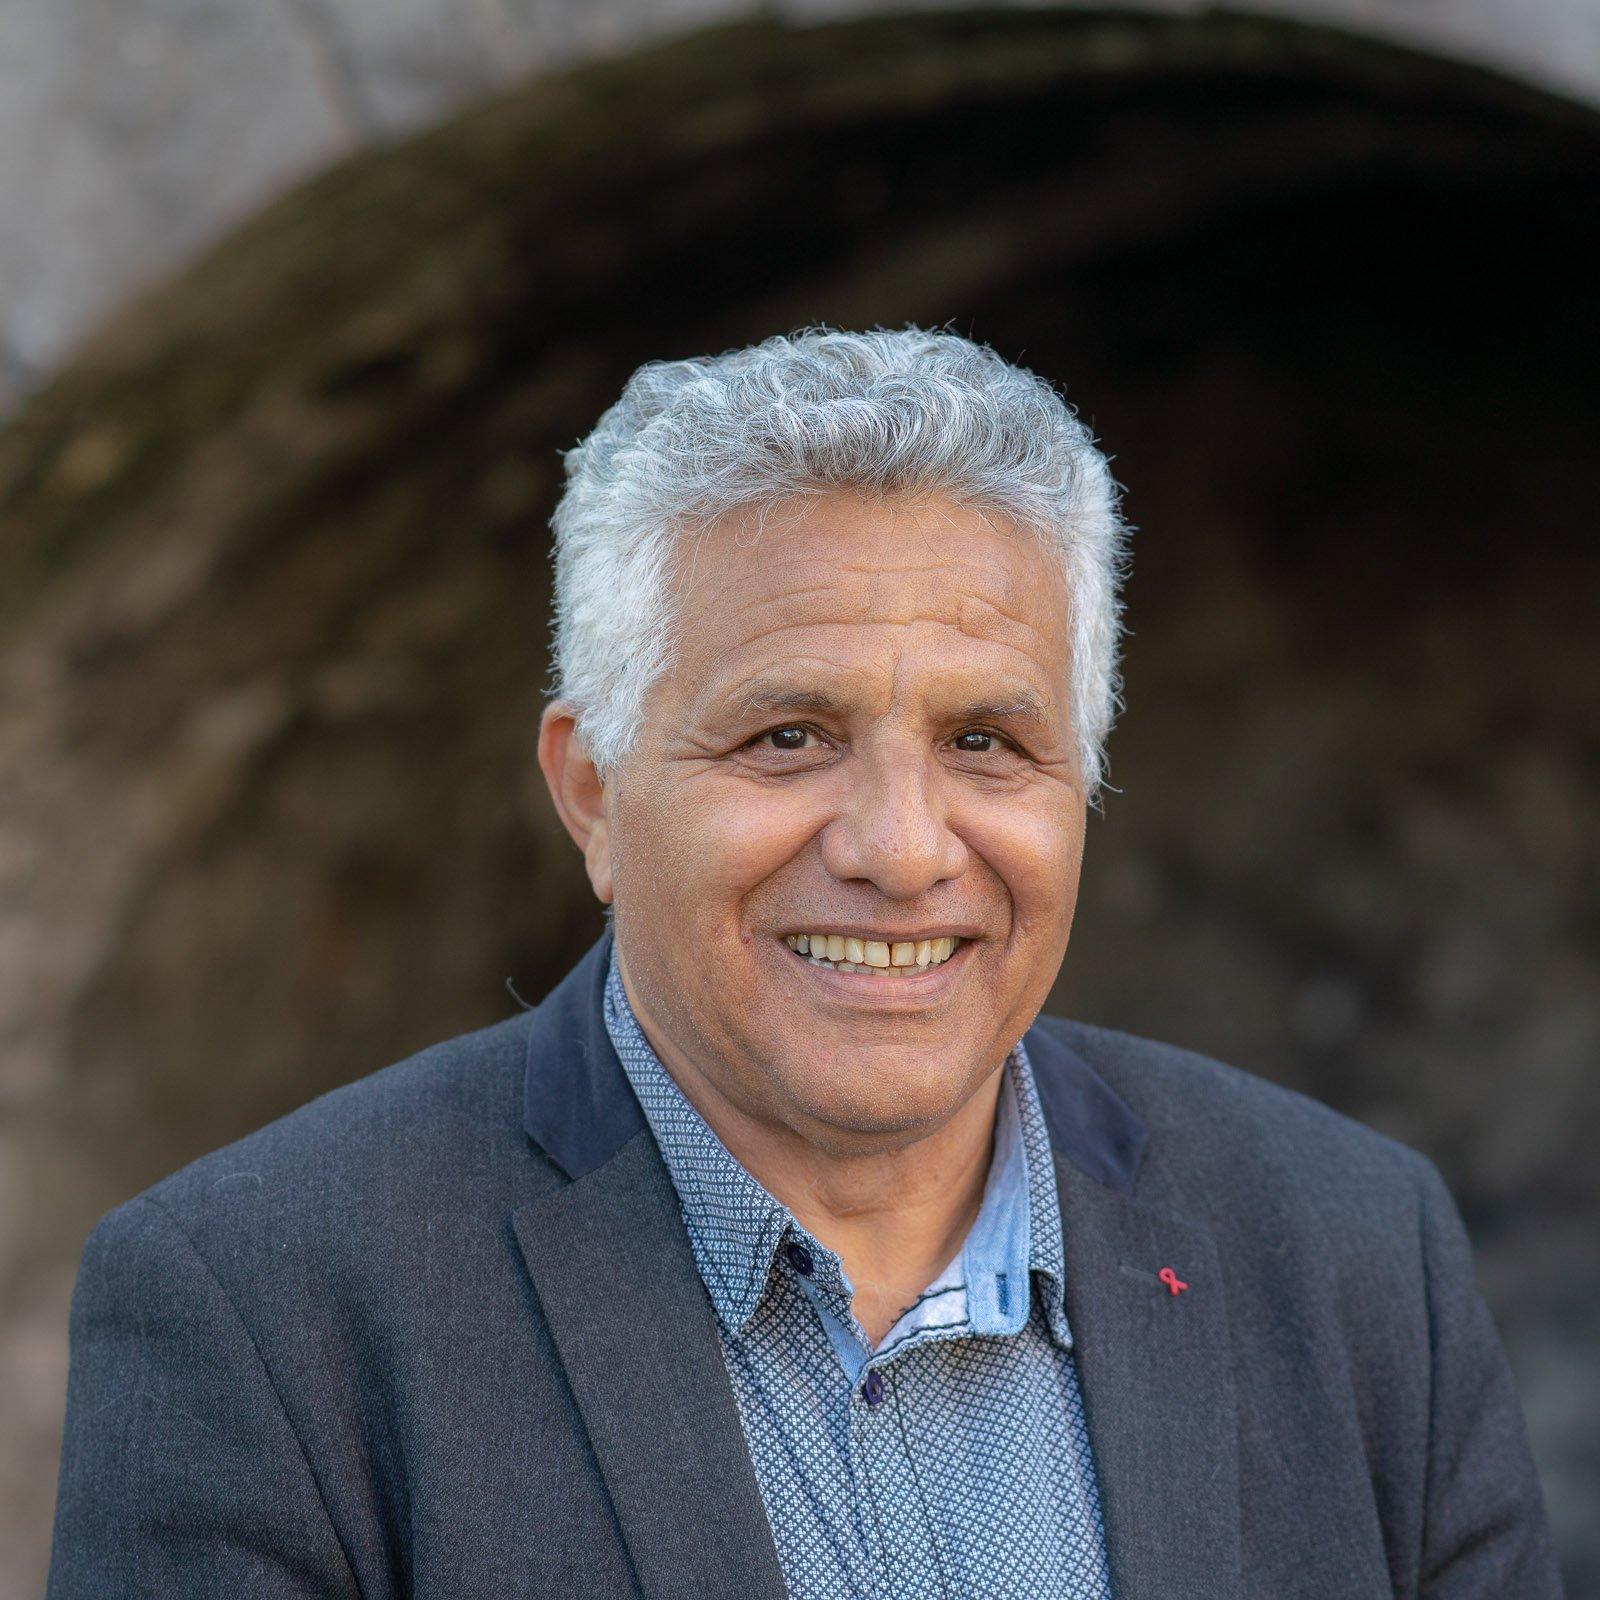 Hakim Sabri